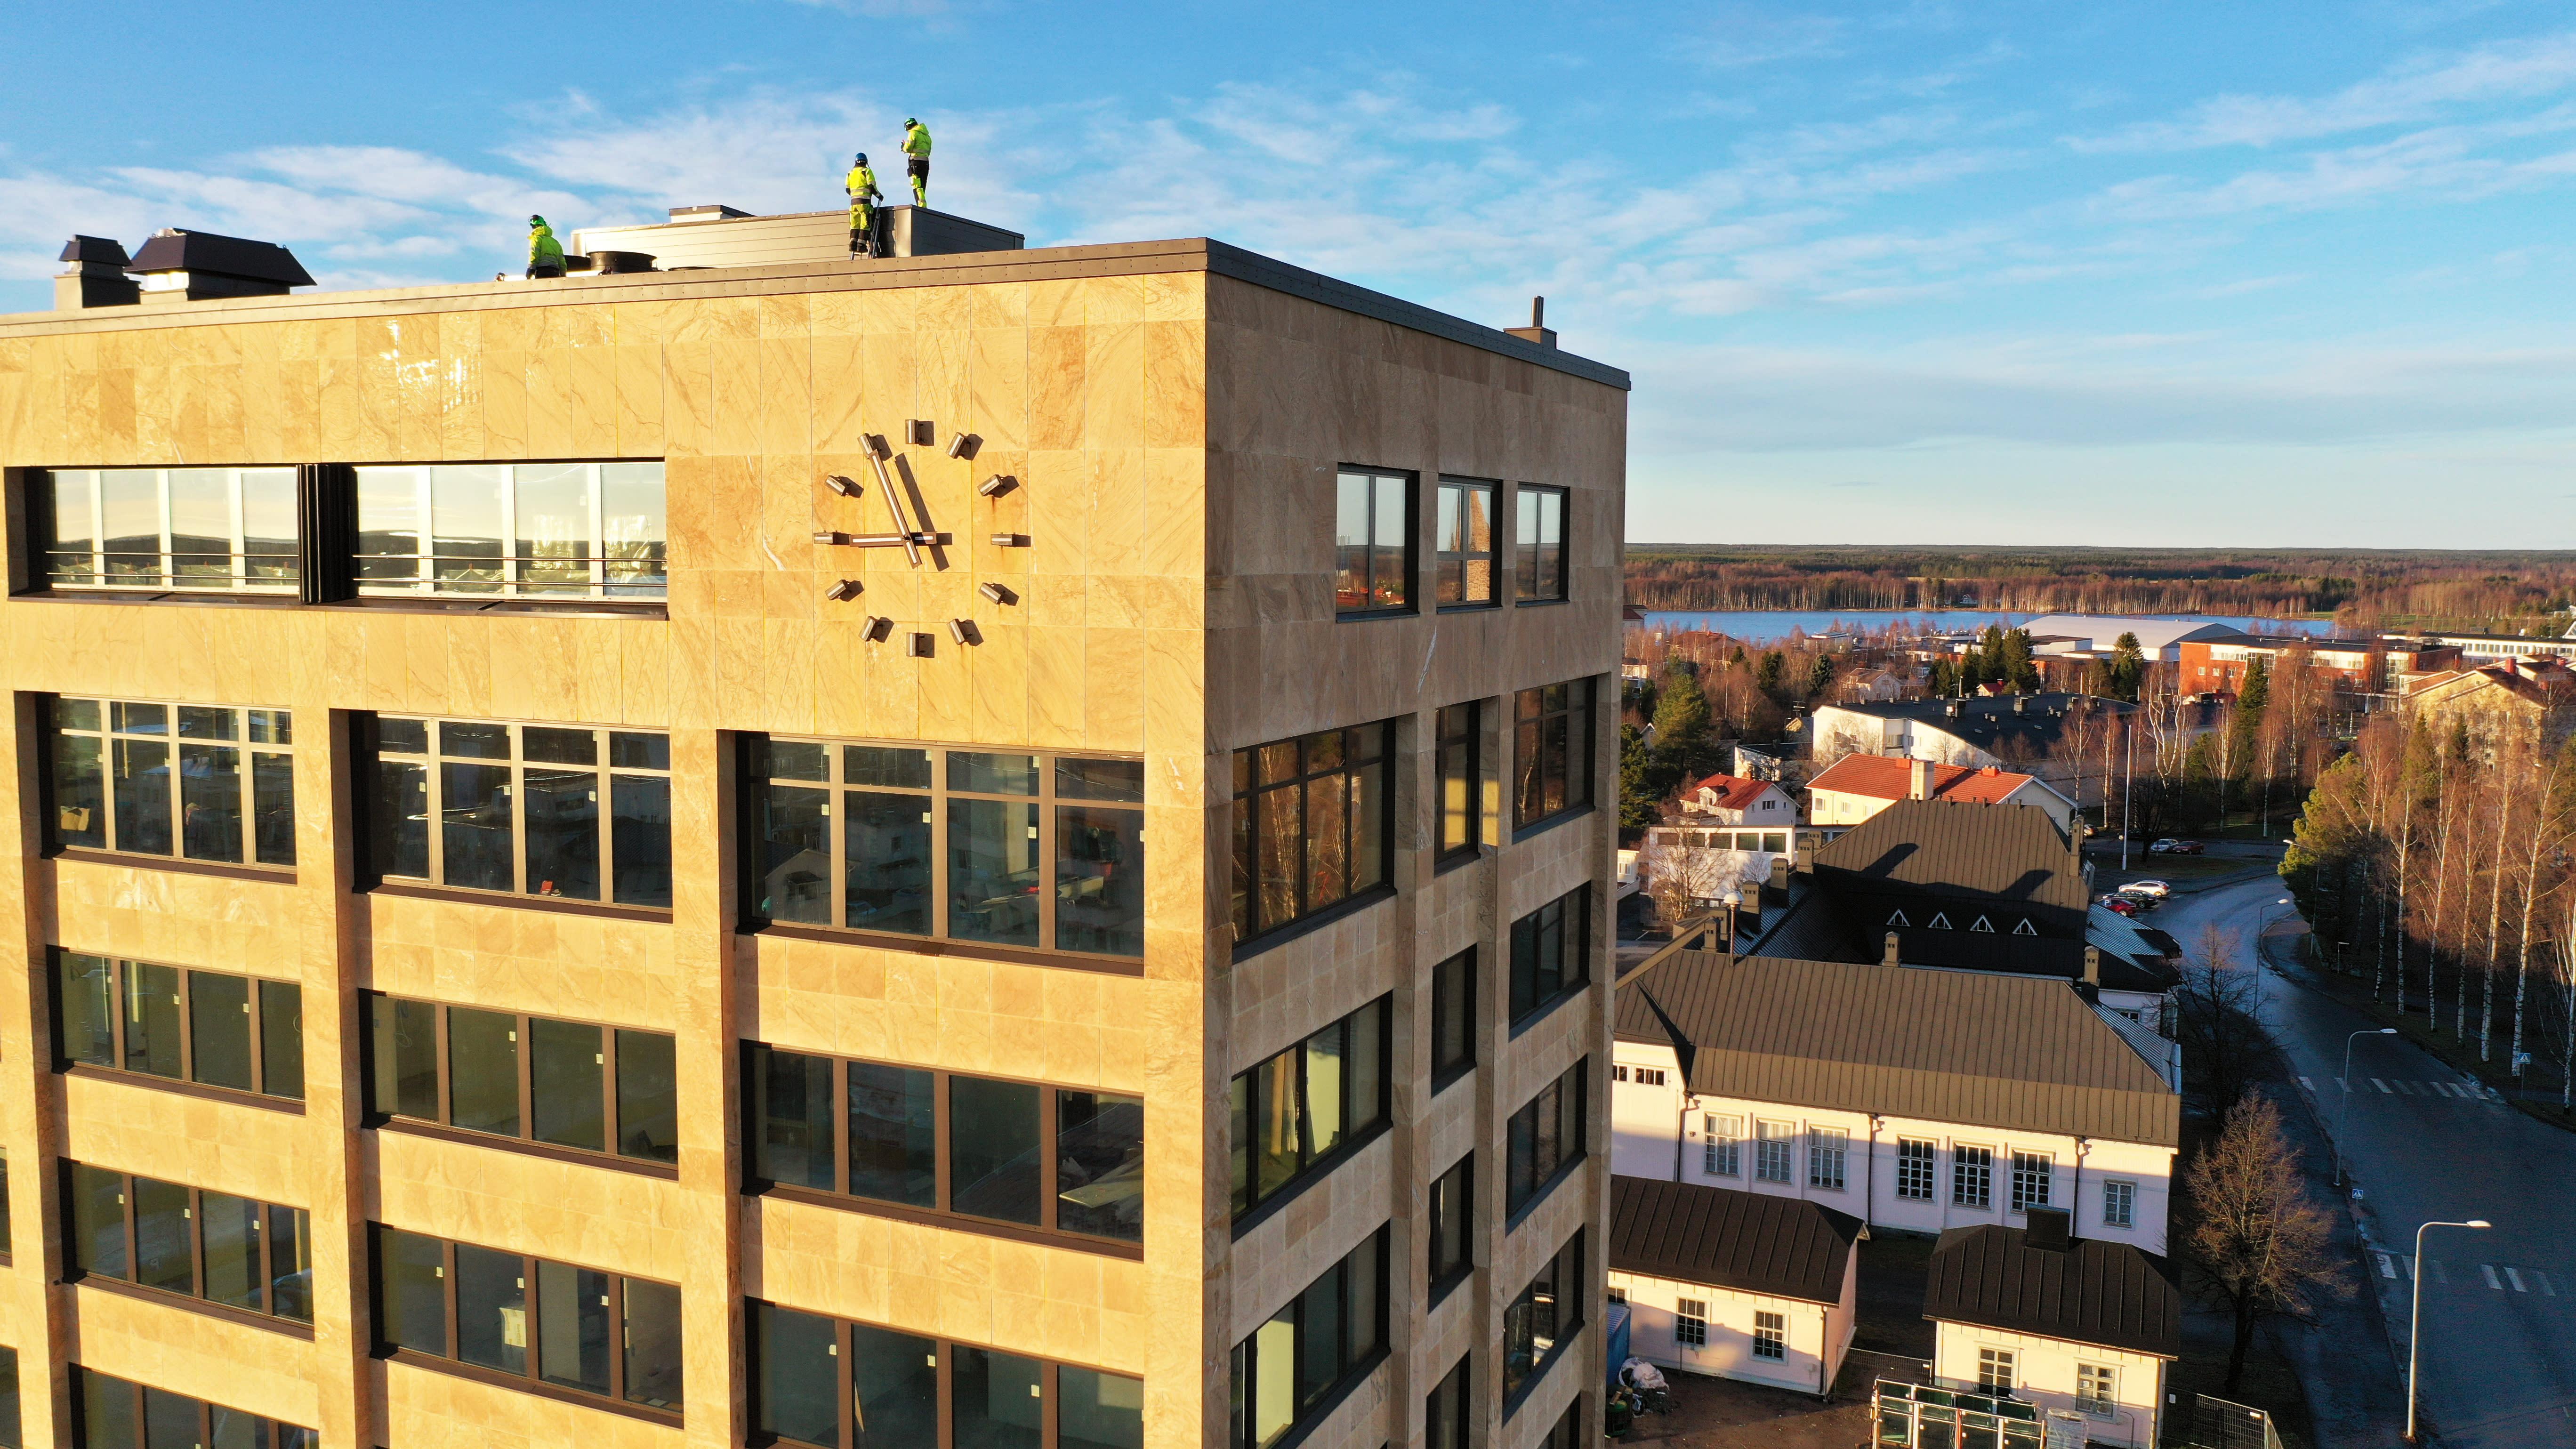 Tornion kaupungintalolla on menossa korjaustyöt